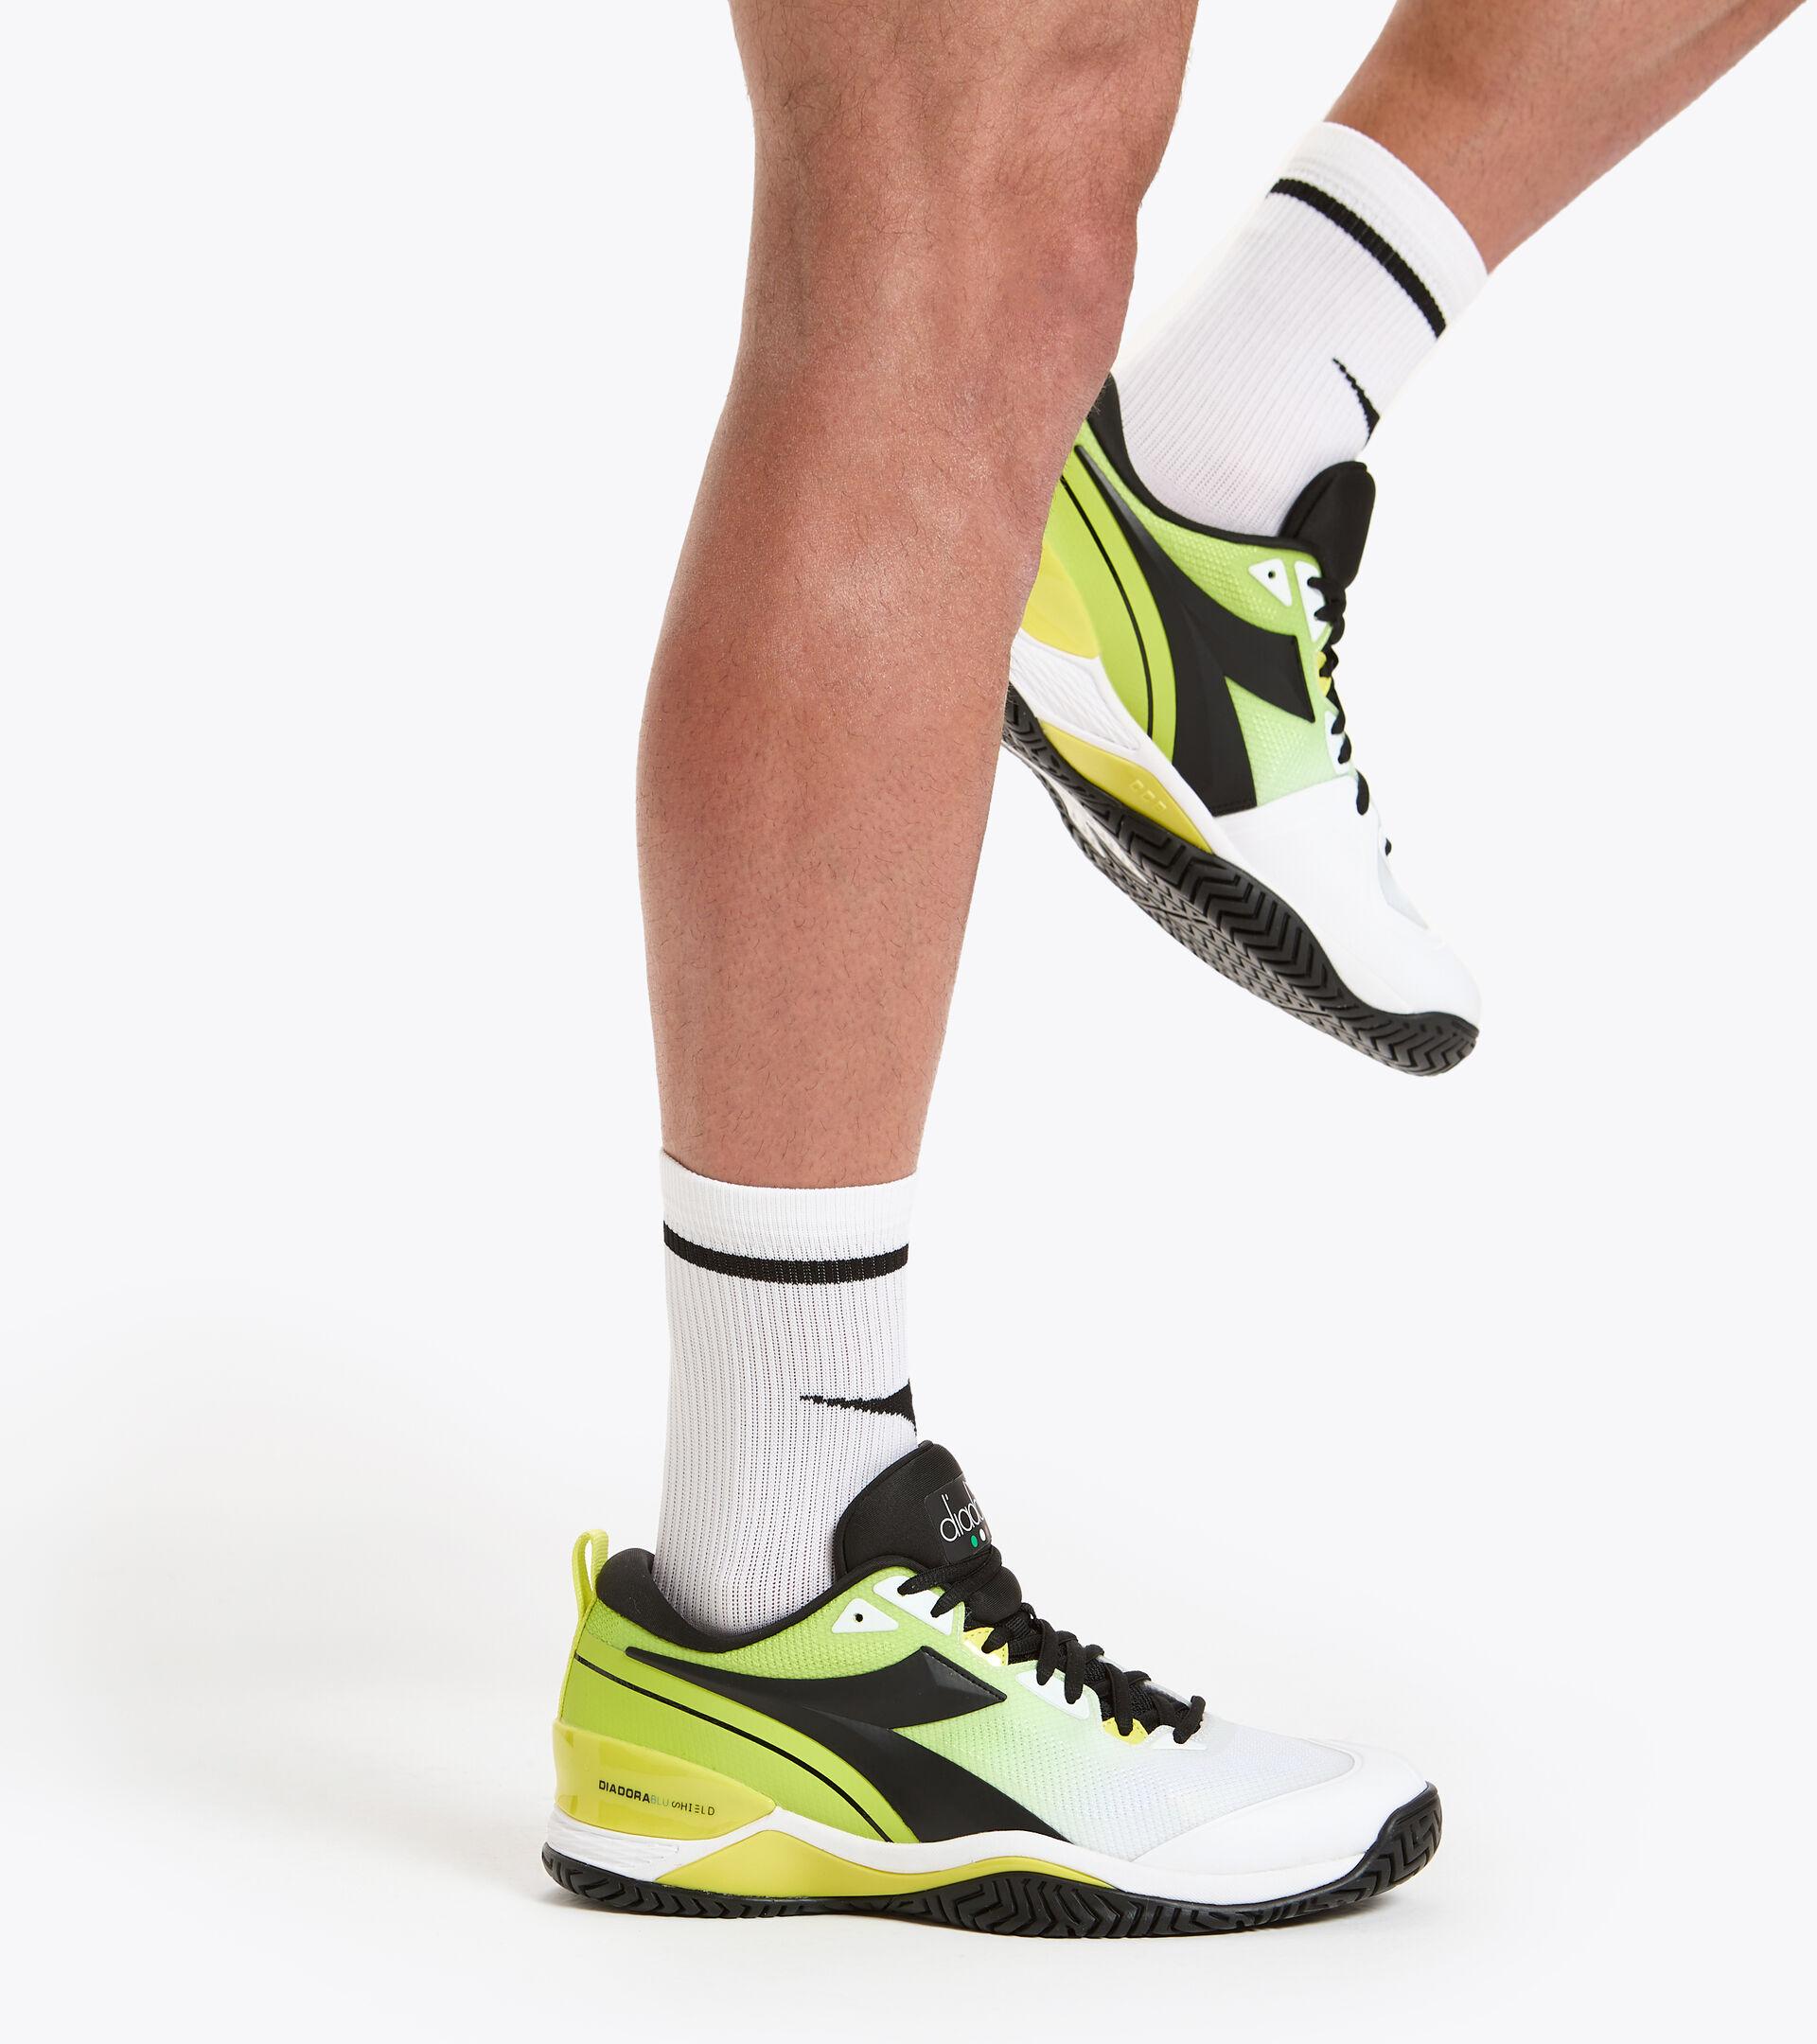 Calcetines cortos - Hombre SOCKS BLANCO VIVO/NEGRO - Diadora